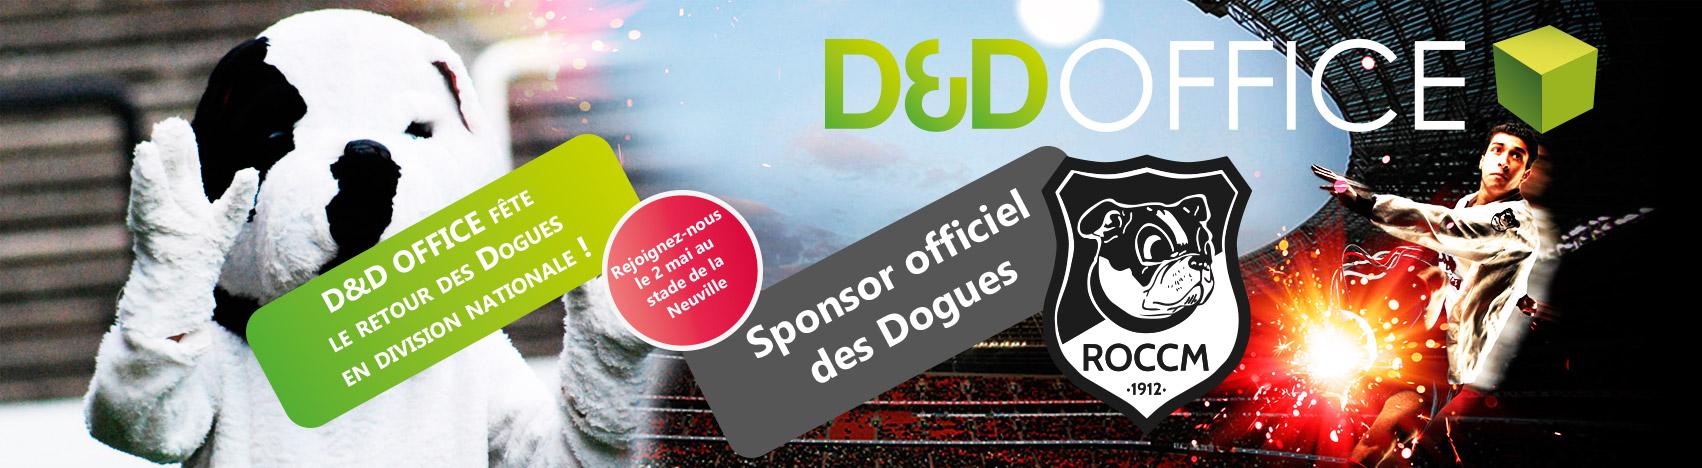 D&D Office fête le retour des Dogues en Nationale ! Rejoignez-nous ce samedi 2 mai au stade de Neuville - Sponsor Officiel du Royal Olympic de Charleroi